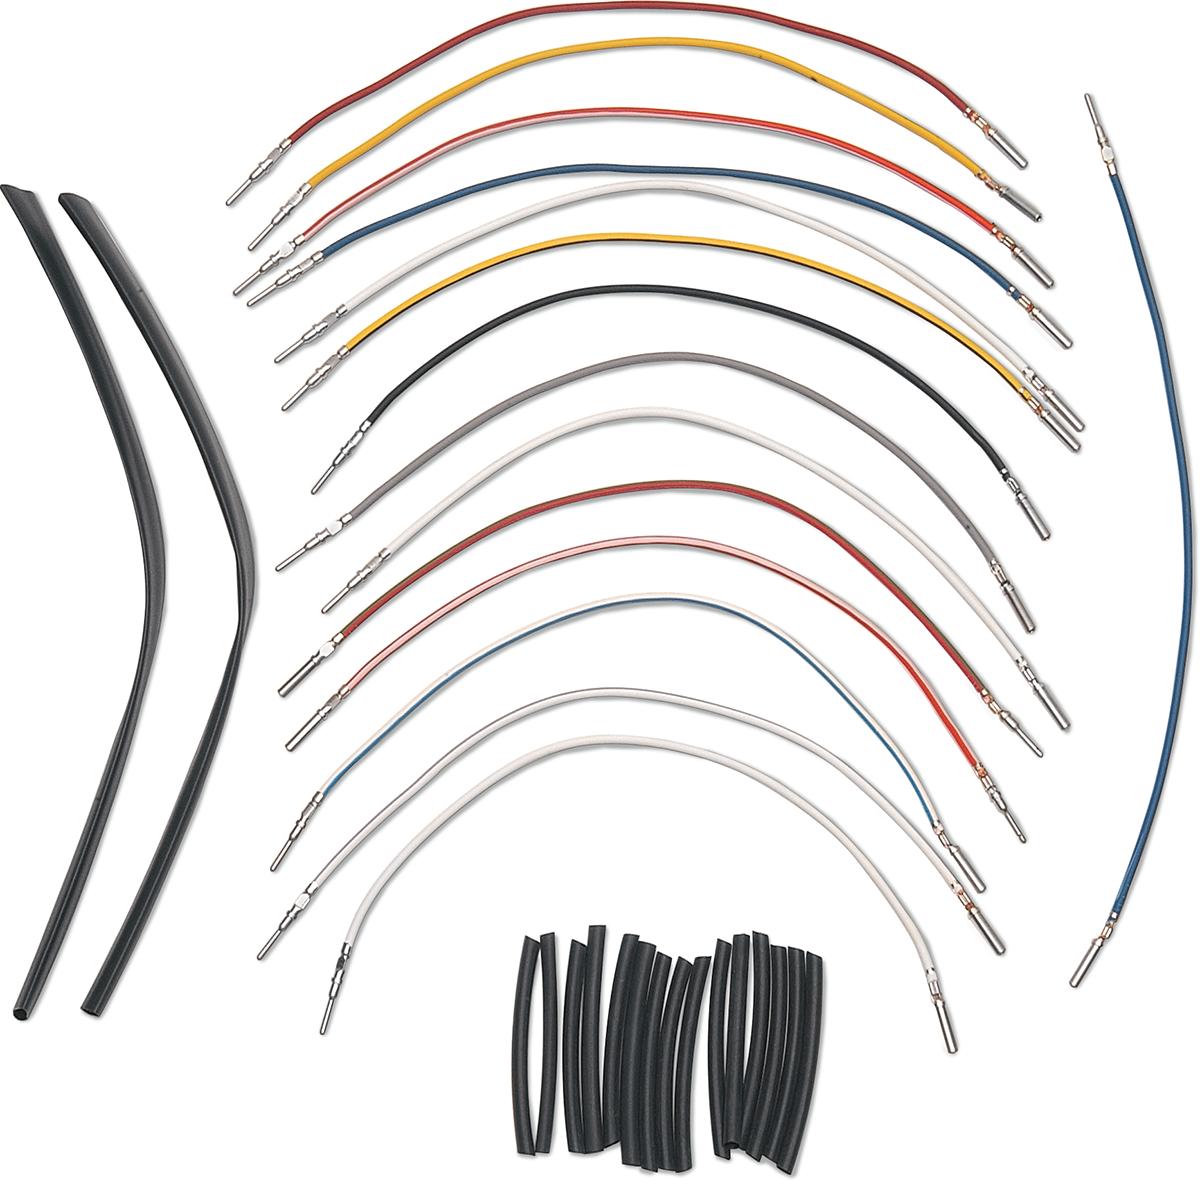 2000 Harley Davidson Fatboy Wiring Diagram Reinvent Your 2005 Electrical Schematics Rh Landingchurchseattle Com For Dummies